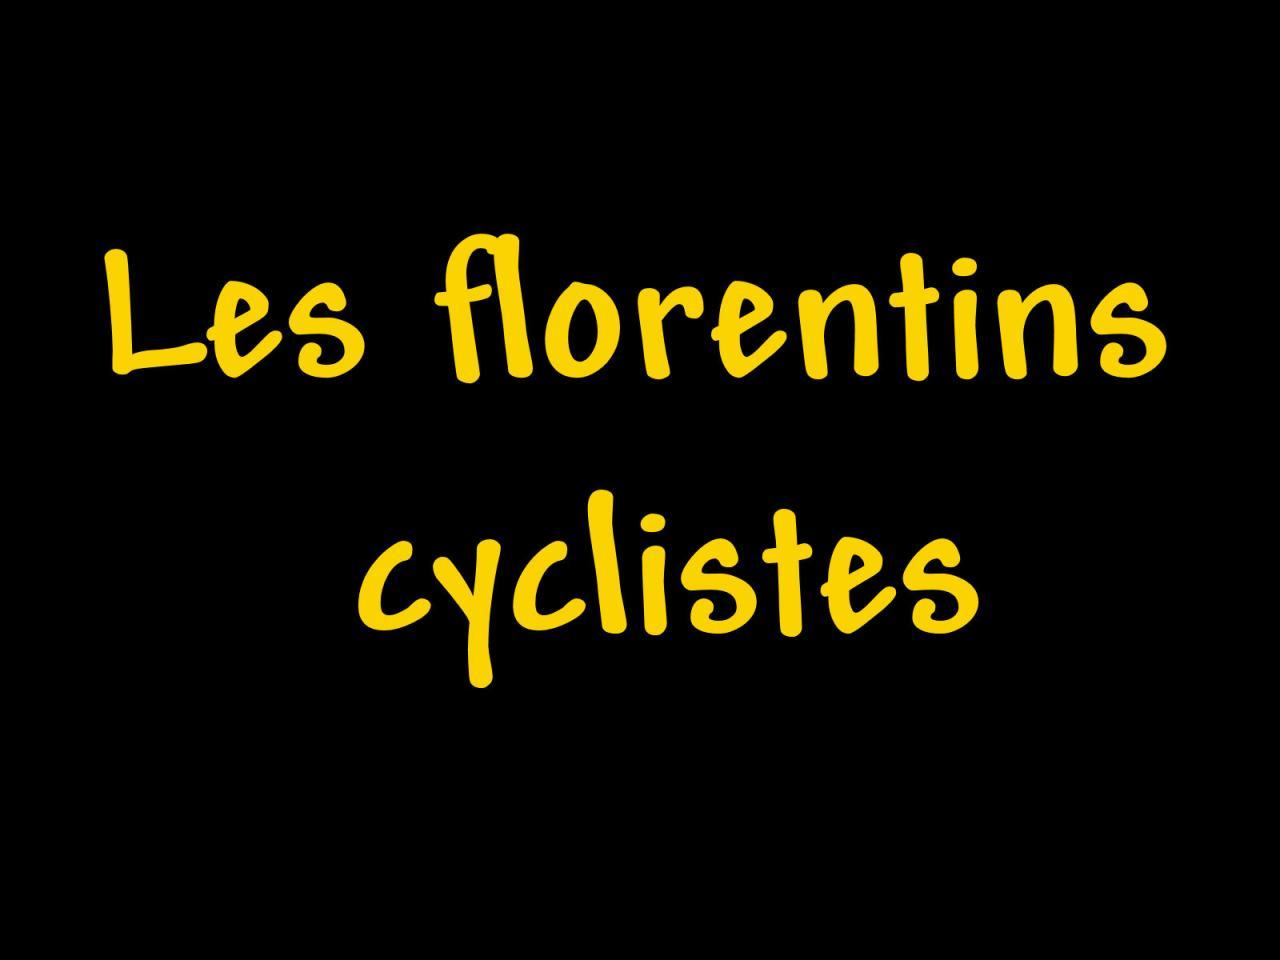 Les florentins cyclistes